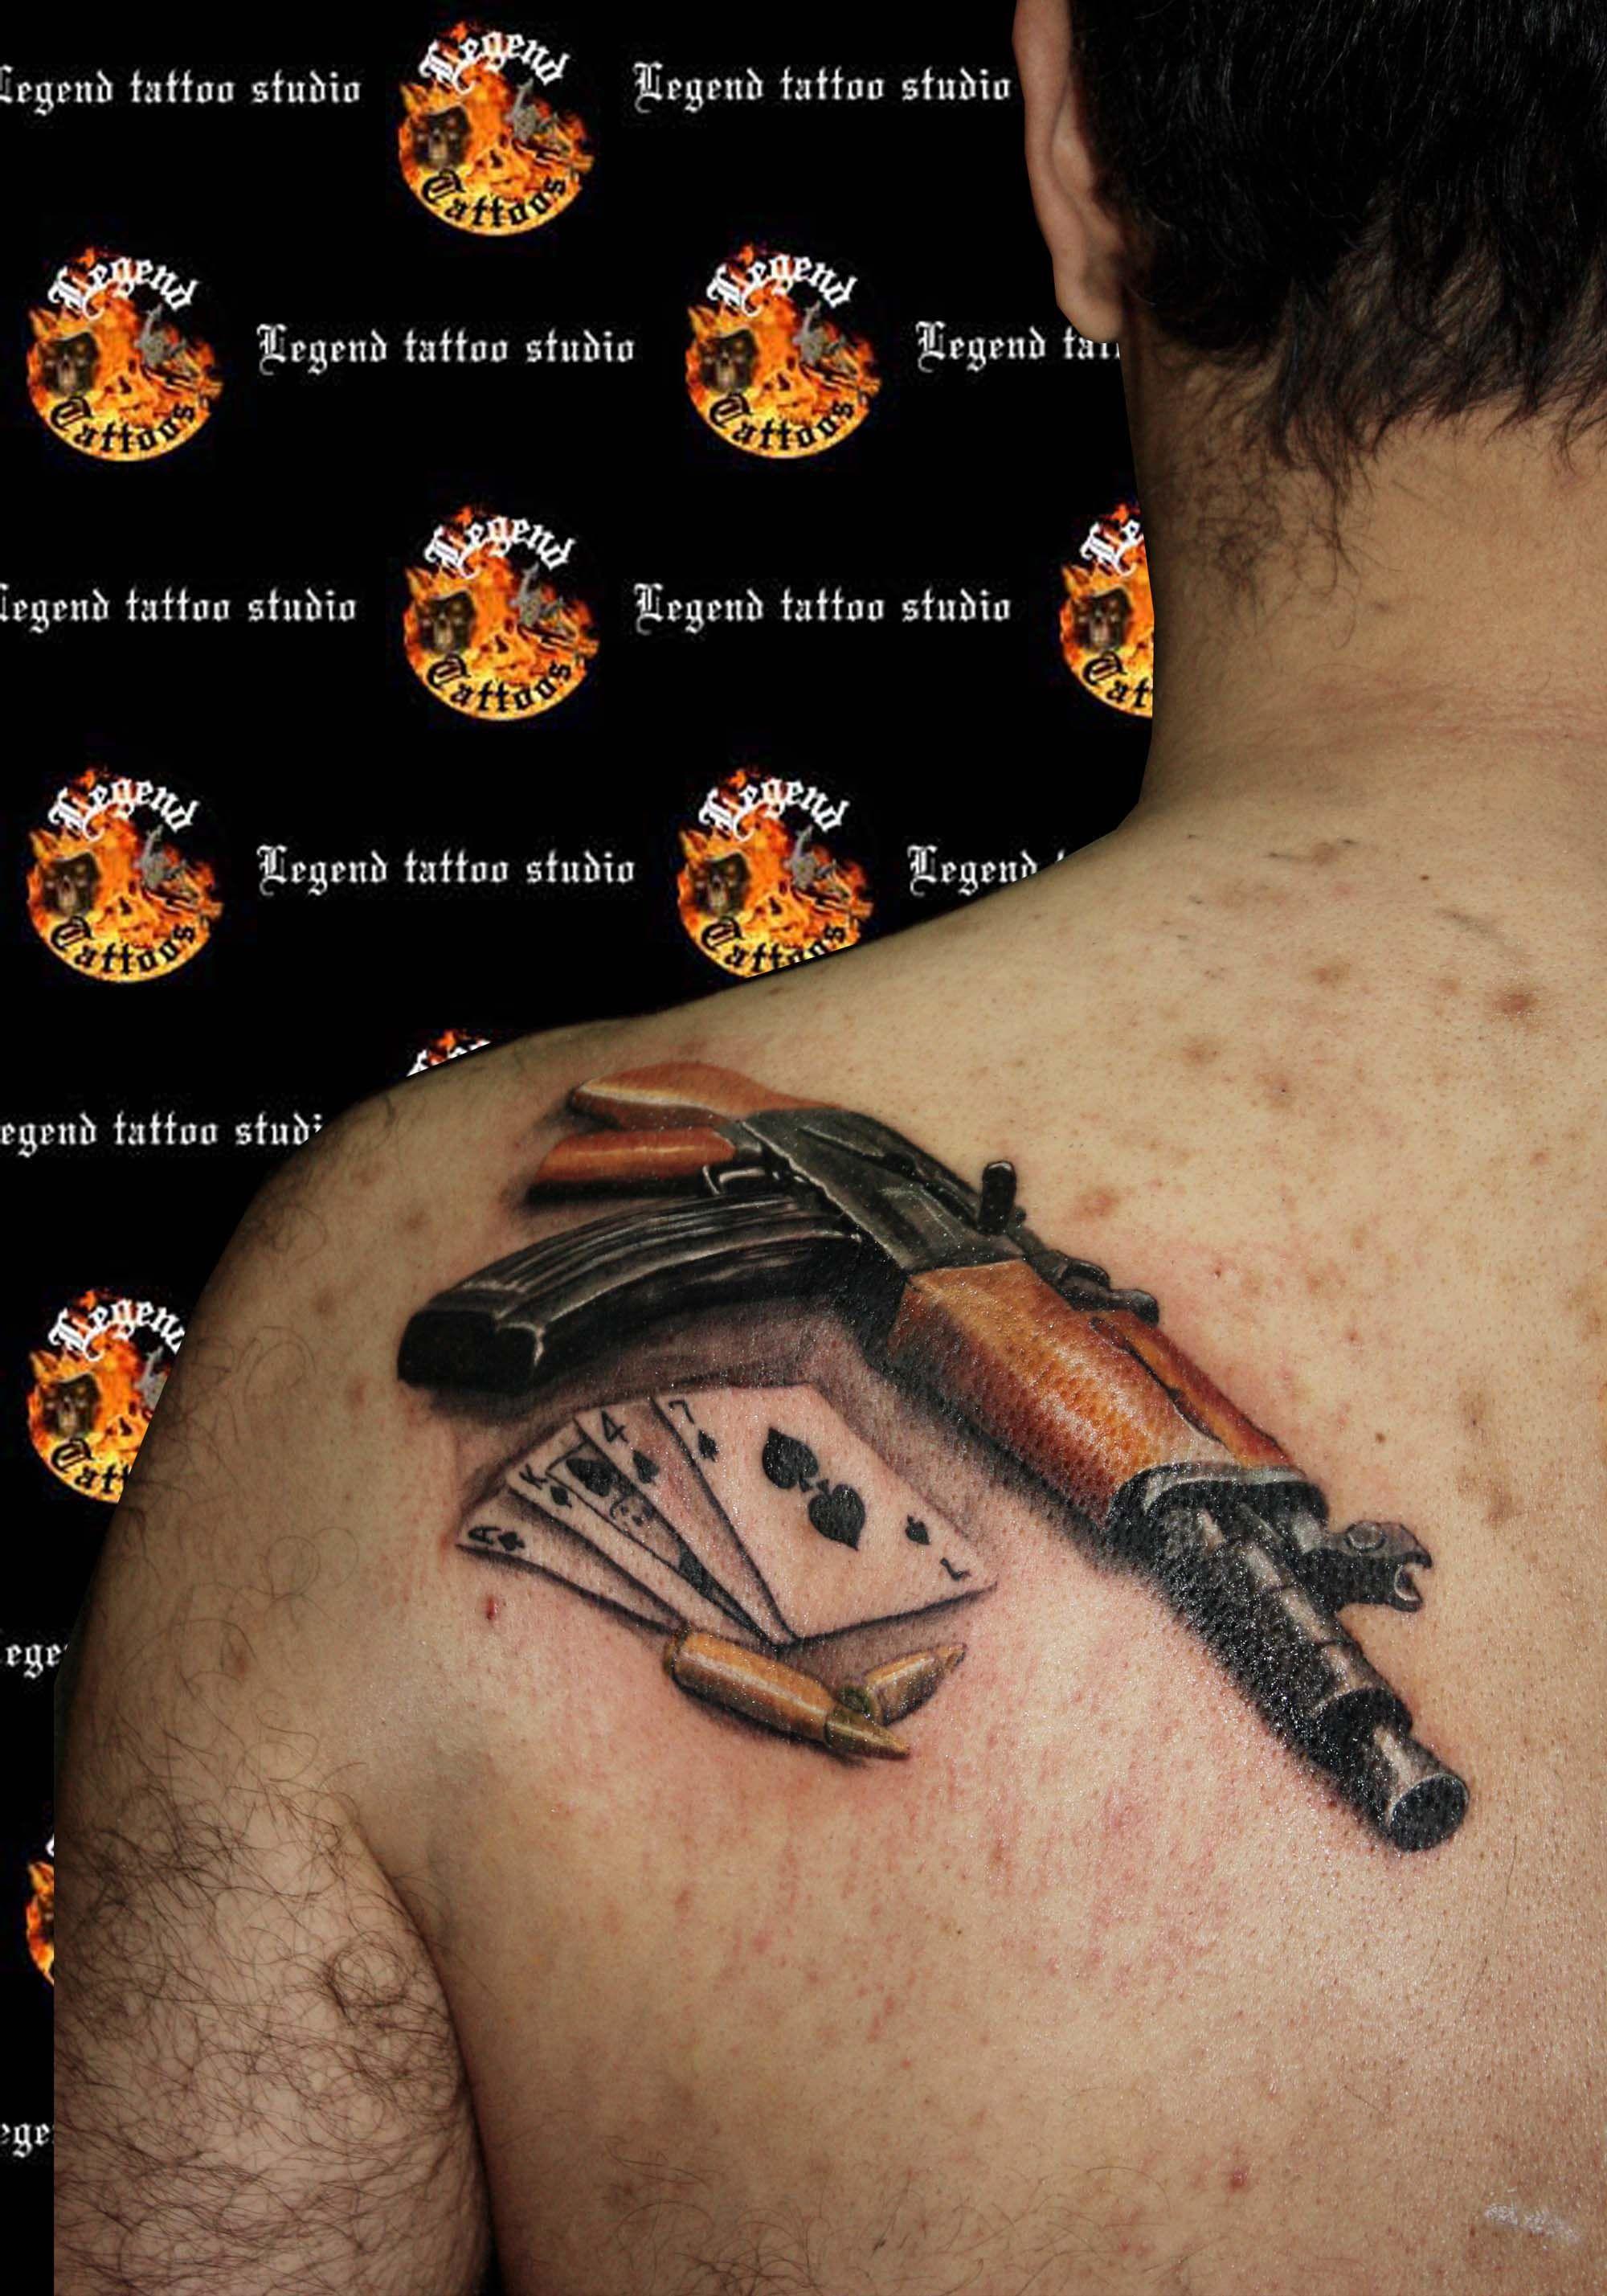 AK47 tattoo